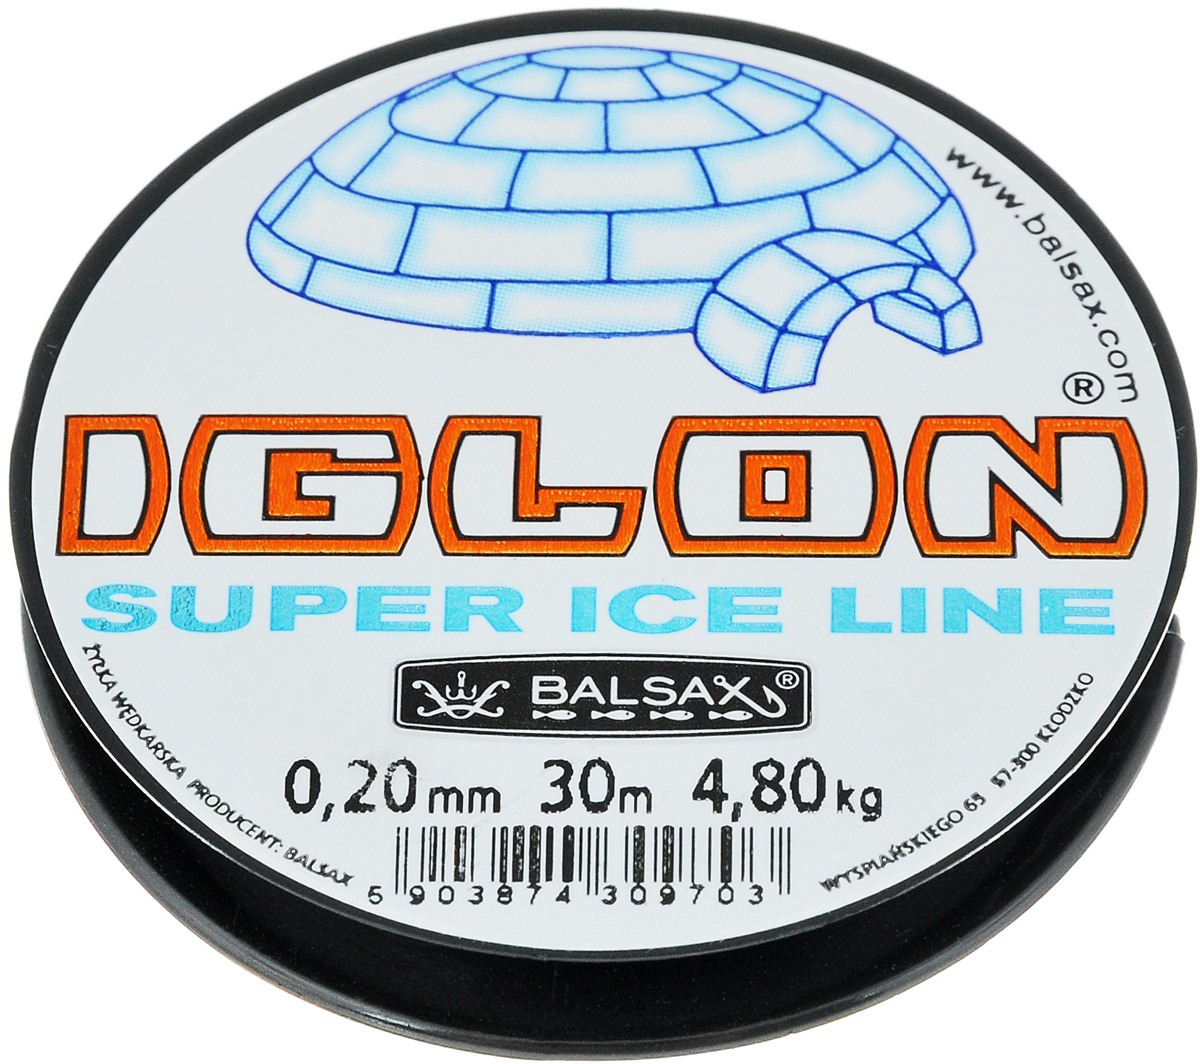 Леска зимняя Balsax Iglon, 30 м, 0,20 мм, 4,8 кг310-07014Леска зимняя Balsax Iglon изготовлена из 100% нейлона и очень хорошо выдерживает низкие температуры. Даже в самом холодном климате, при температуре вплоть до -40°C, она сохраняет свои свойства практически без изменений, в то время как традиционные лески становятся менее эластичными и теряют прочность.Поверхность лески обработана таким образом, что она не обмерзает и отлично подходит для подледного лова. Прочна в местах вязки узлов даже при минимальном диаметре.